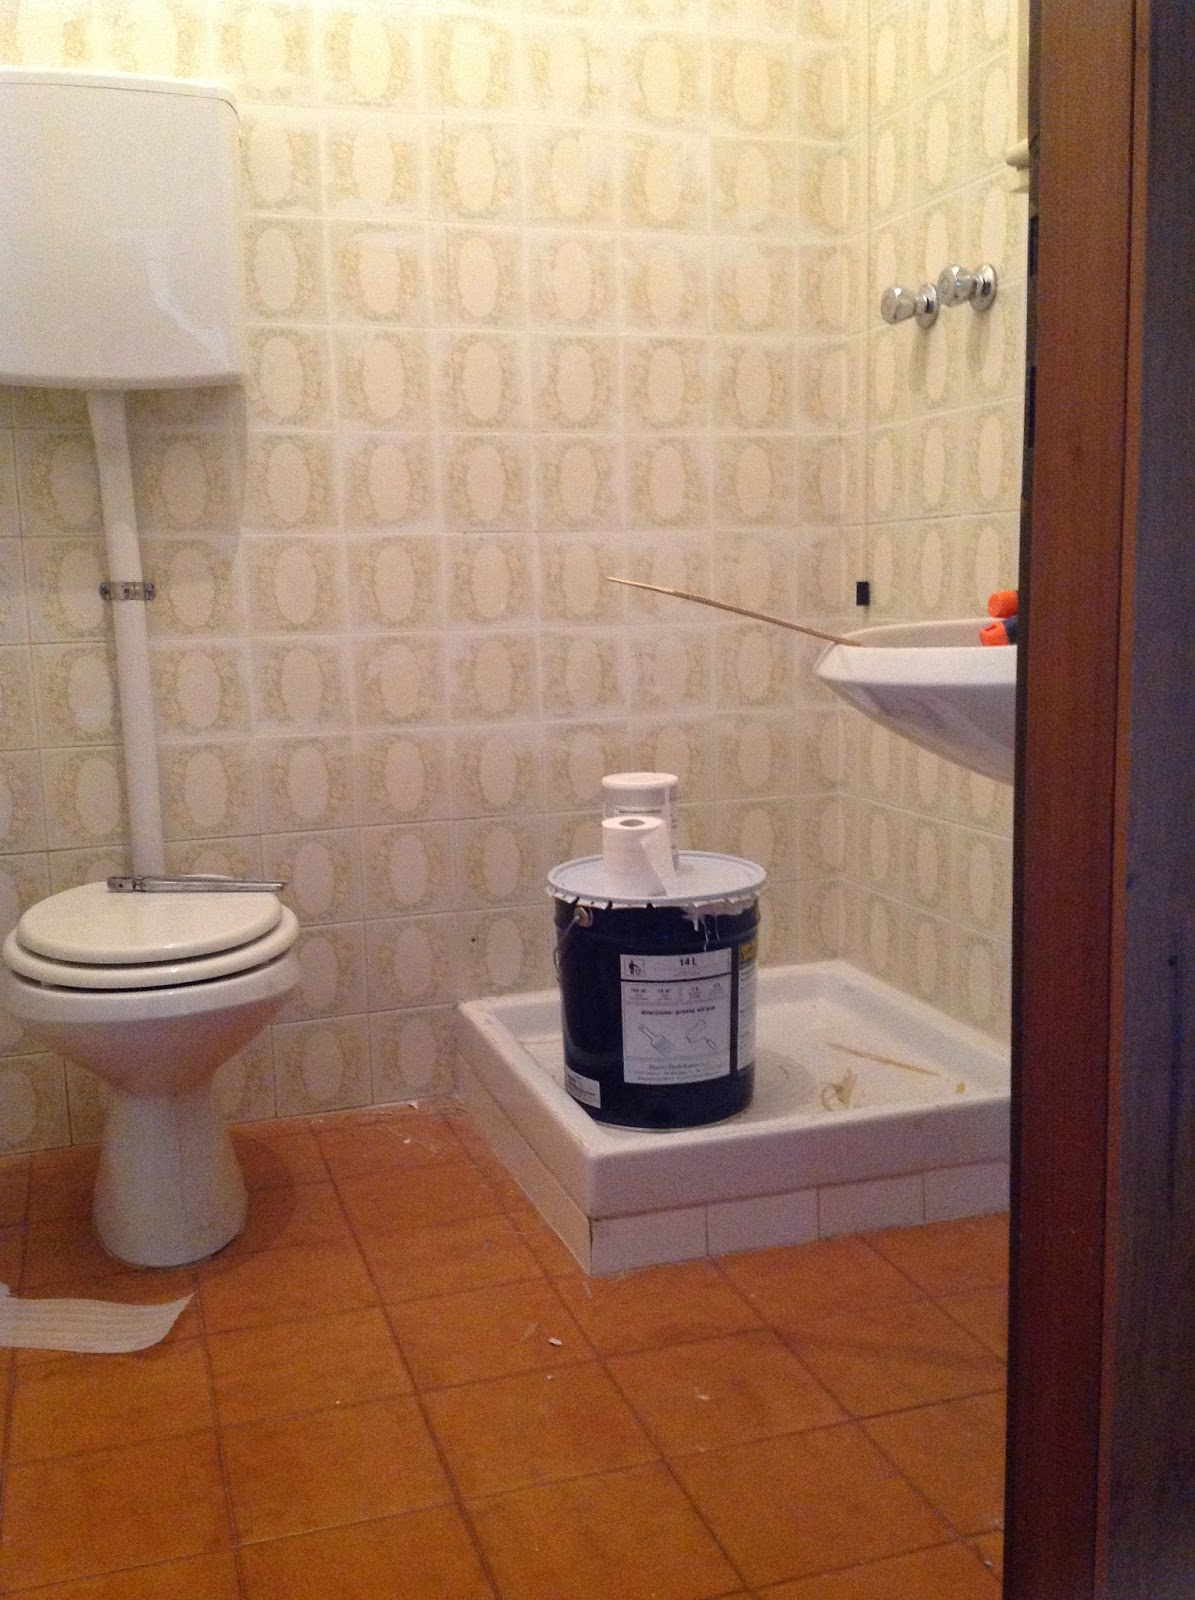 Coprire le piastrelle del bagno - Stuccare piastrelle bagno ...